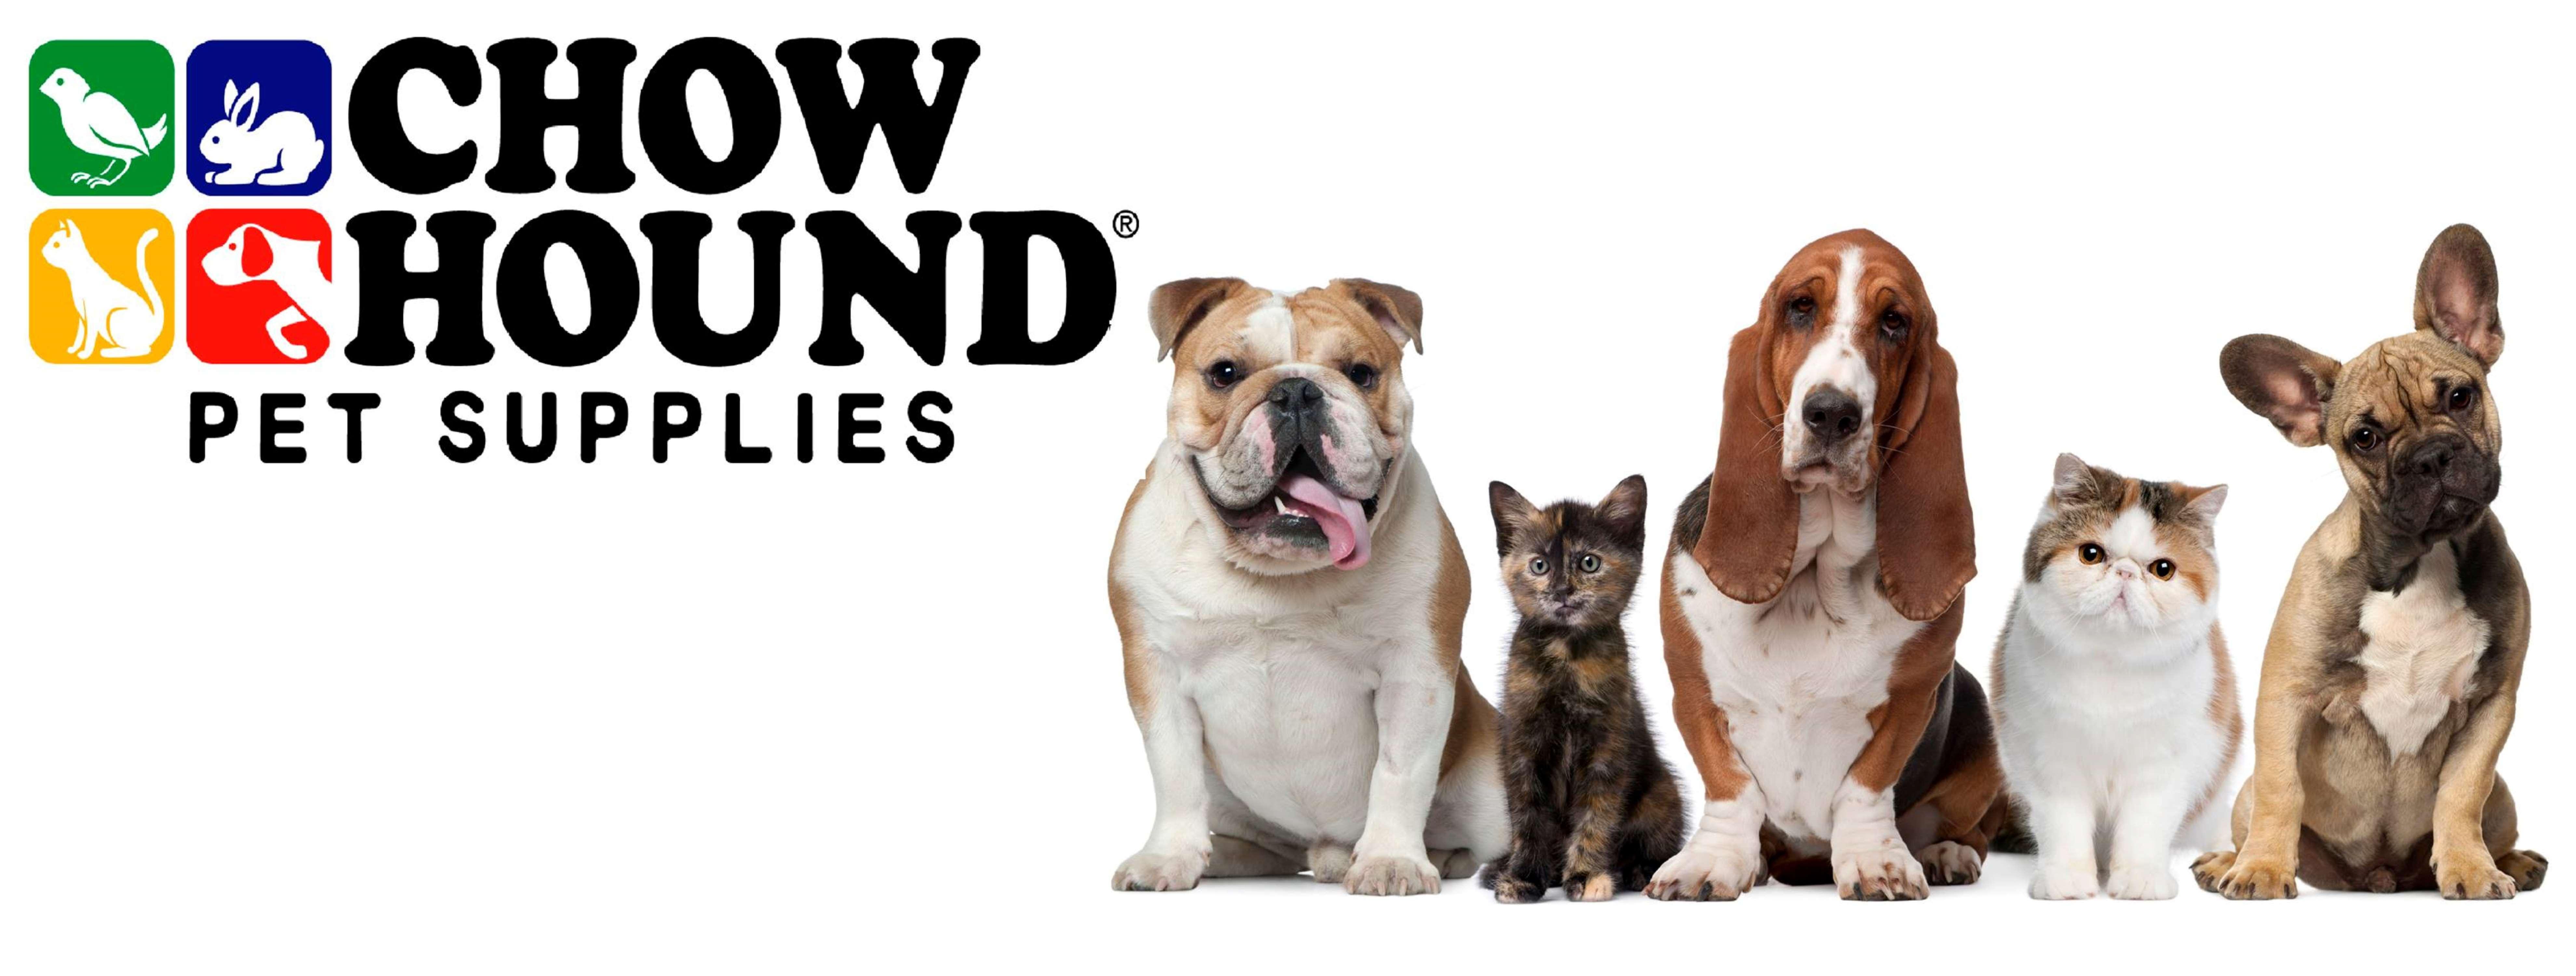 Chow Hound Pet Supplies